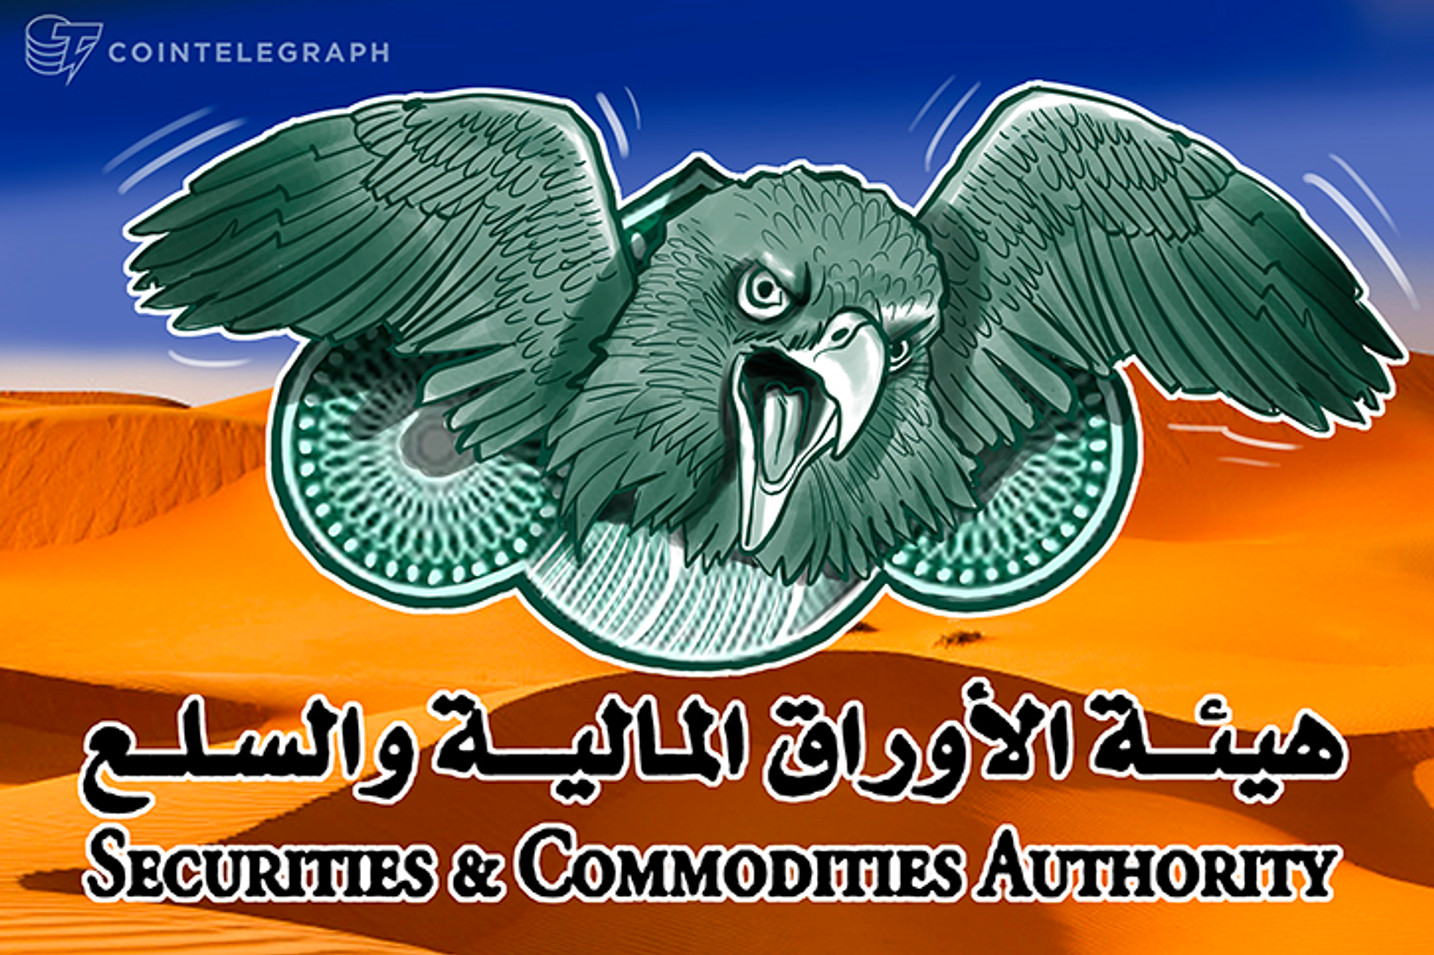 الإمارات العربية المتحدة تُصدر تحذيرًا بشأن العروض الأولية للعملات، وتحمّل المستثمرين المسؤولية كاملة